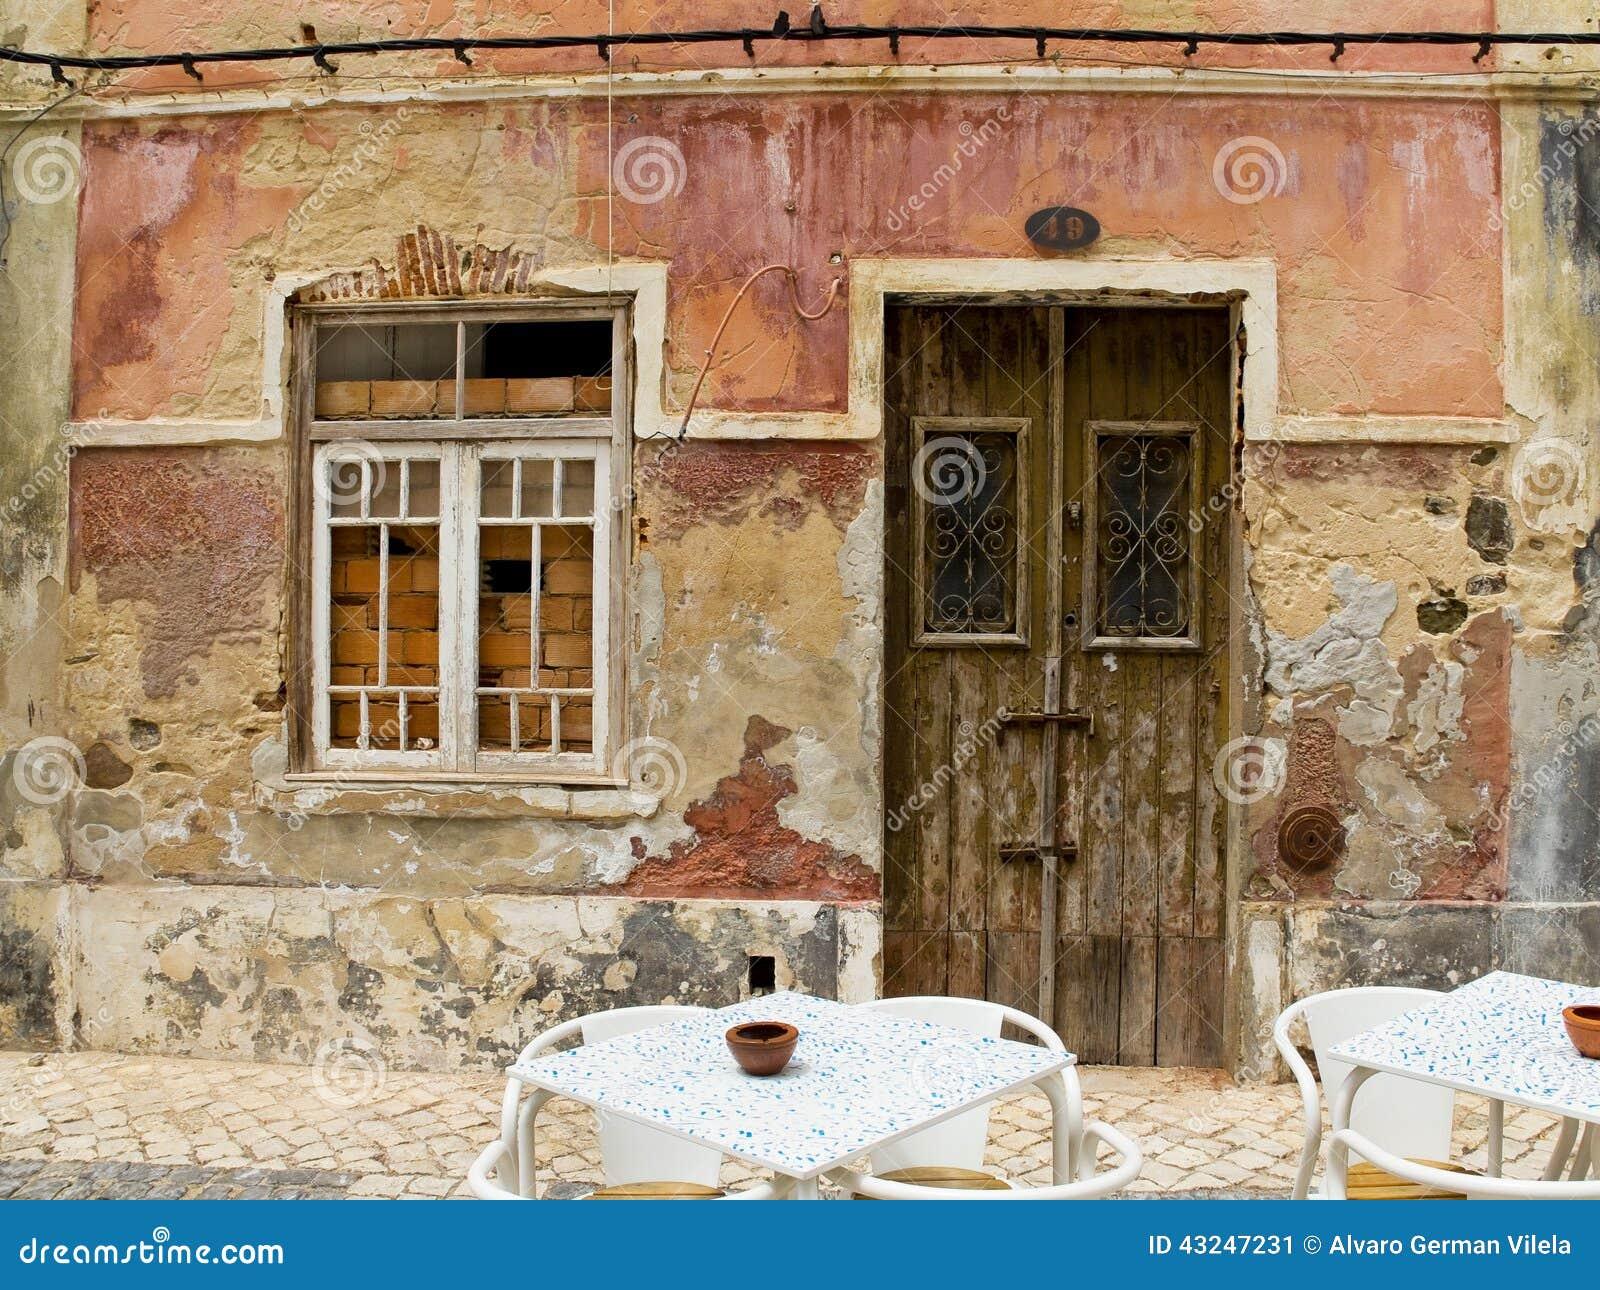 puerta antigua en una casa con textura gastada de la pared